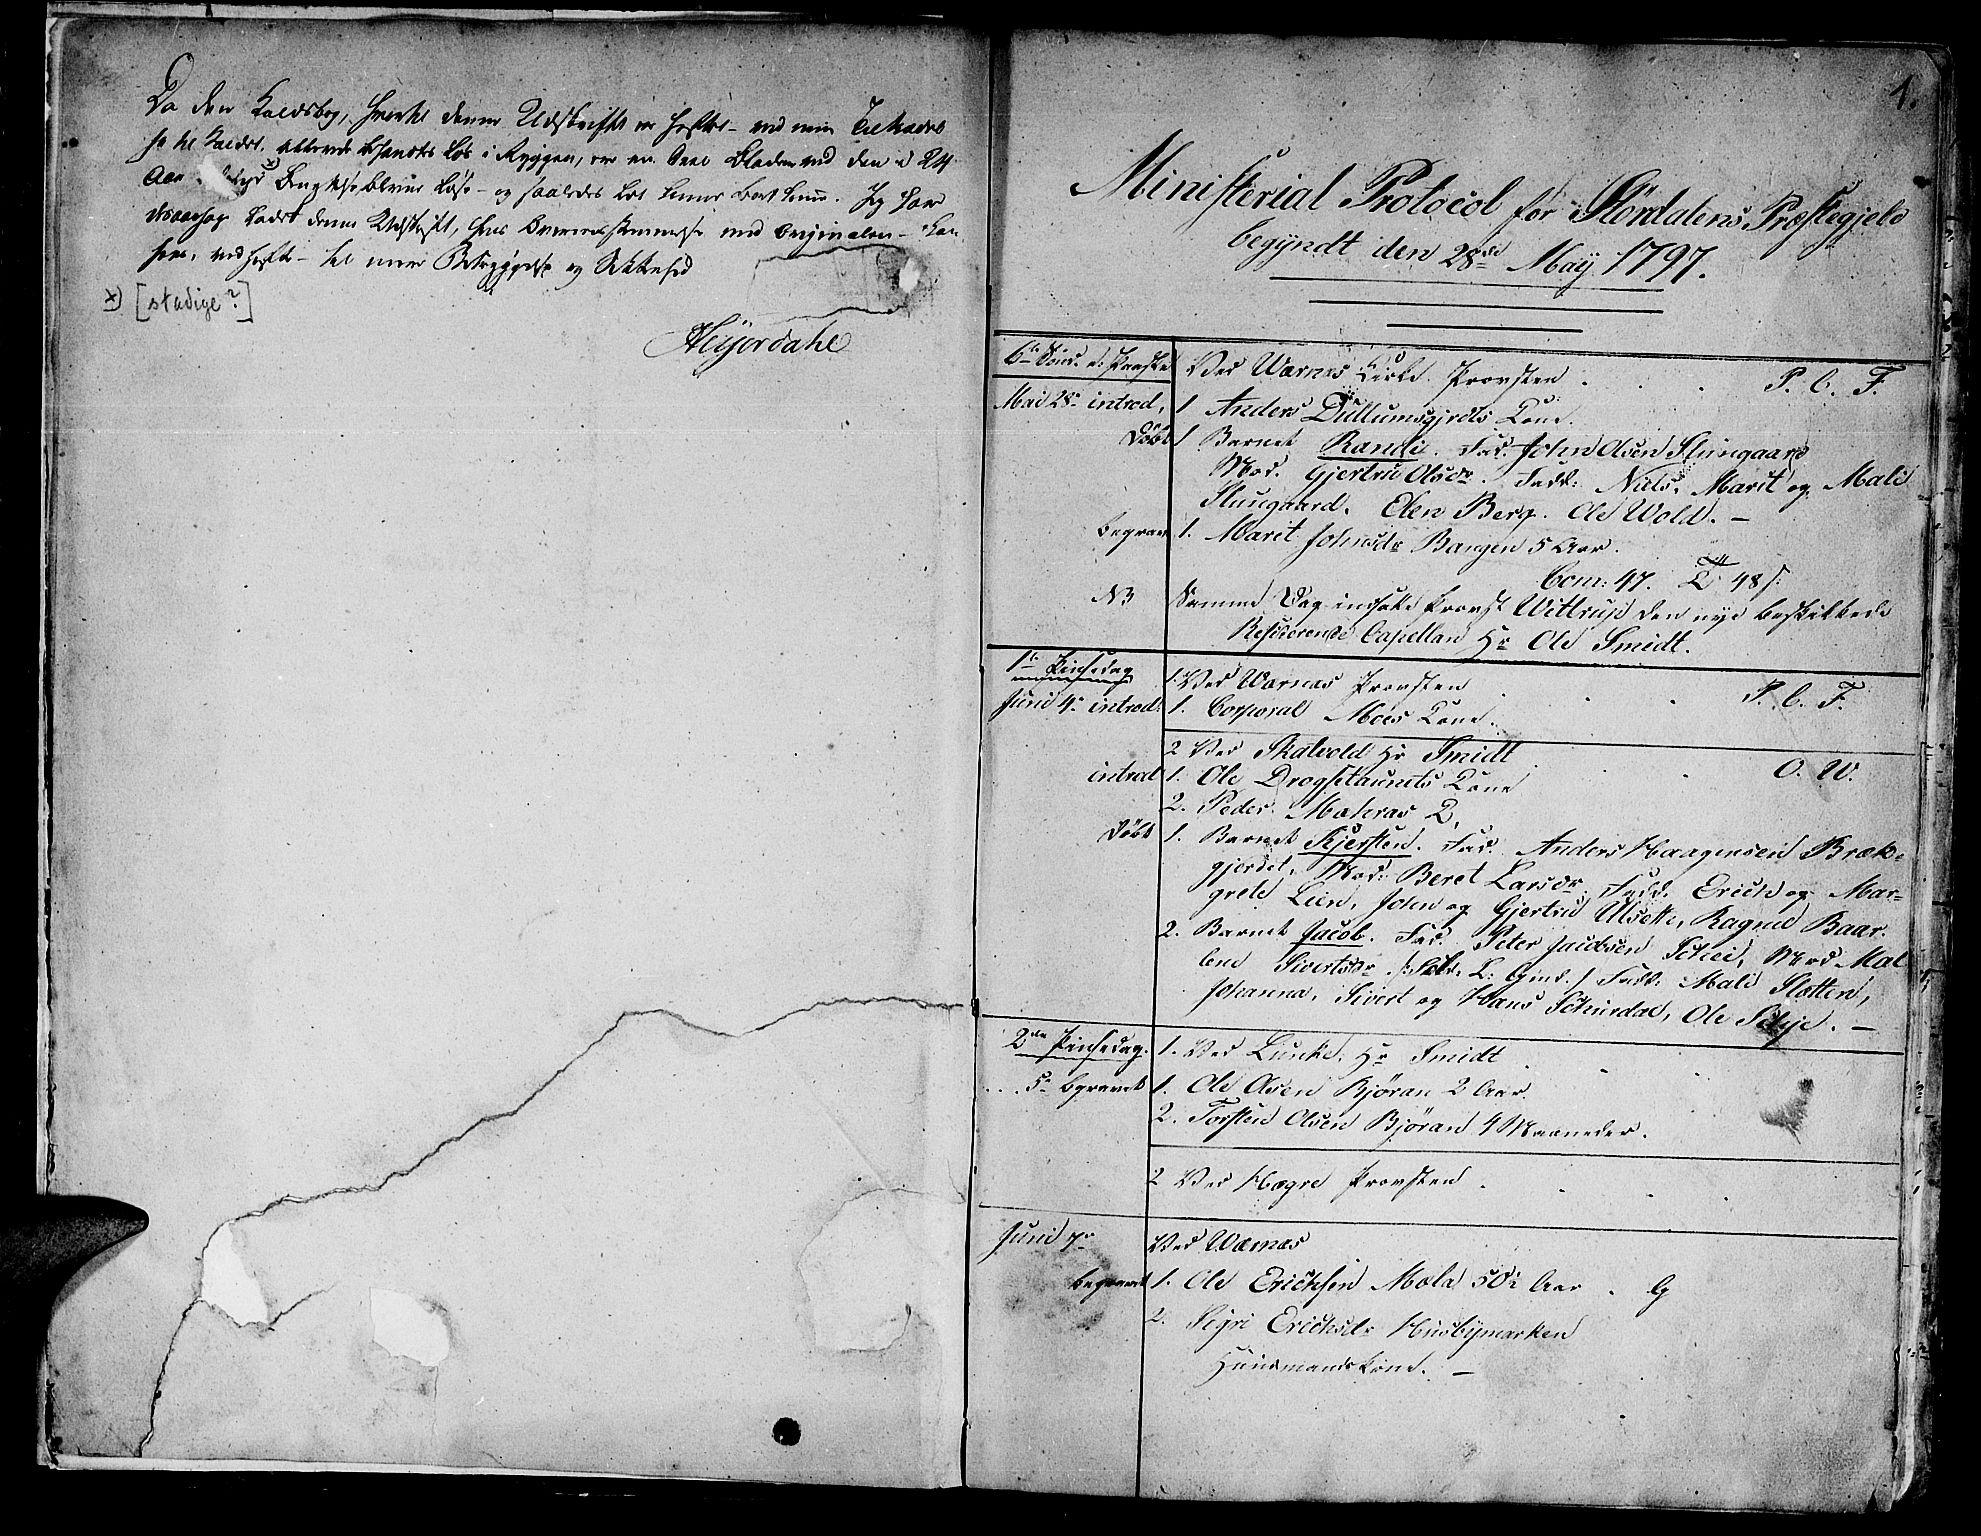 SAT, Ministerialprotokoller, klokkerbøker og fødselsregistre - Nord-Trøndelag, 709/L0060: Ministerialbok nr. 709A07, 1797-1815, s. 0-1